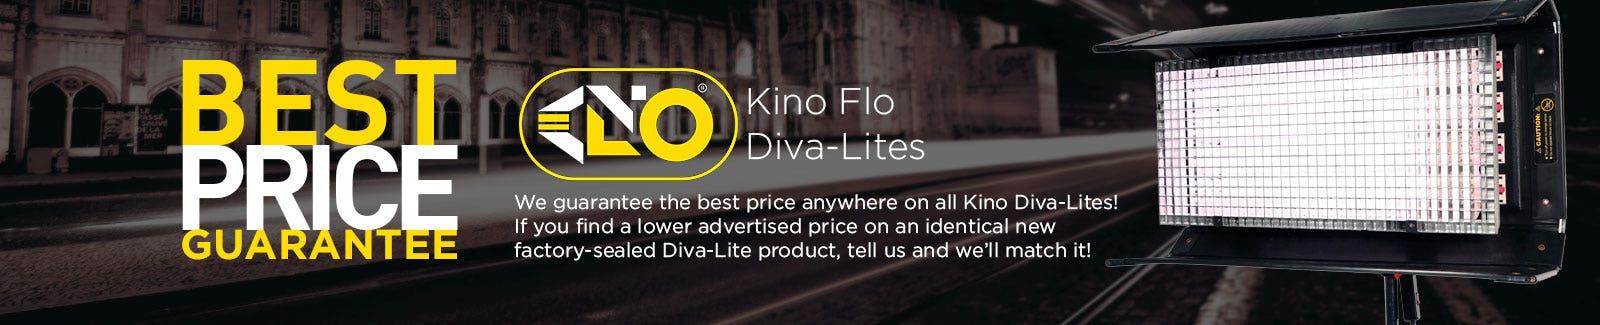 Kino Flo Diva-Lites